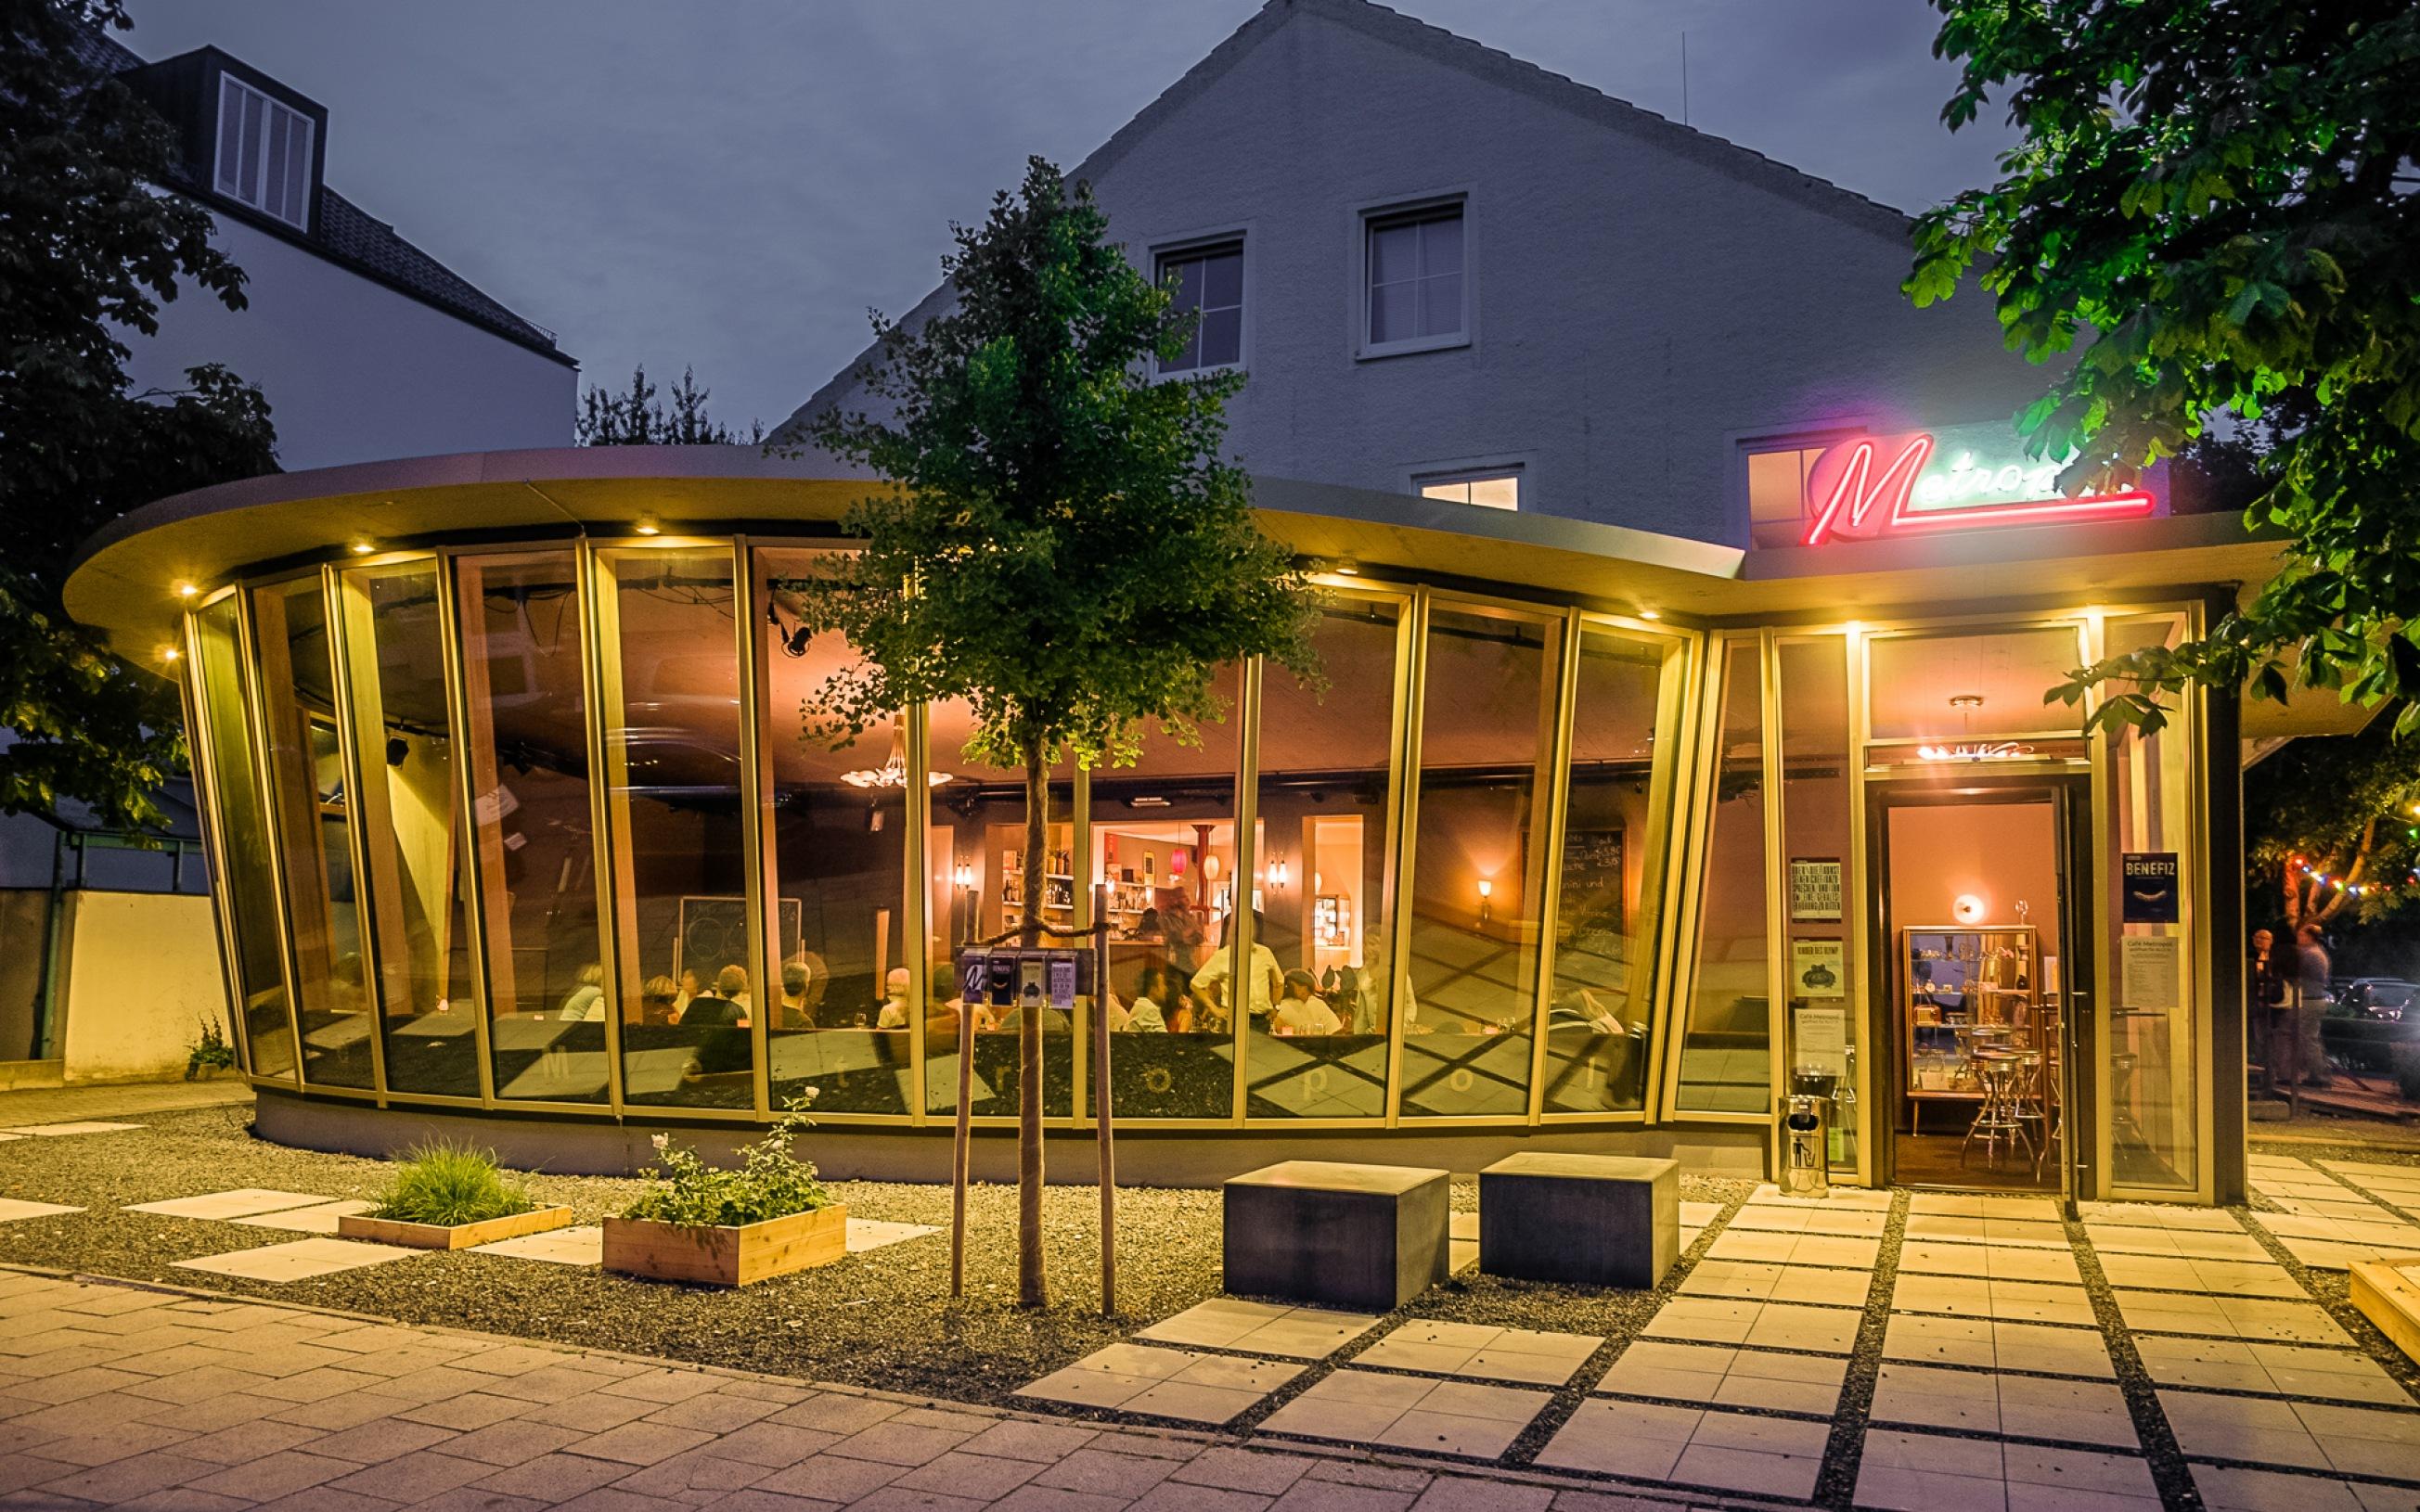 Metropoltheater München Freimann, Foyeranbau von Architekten Lederer-Piloty